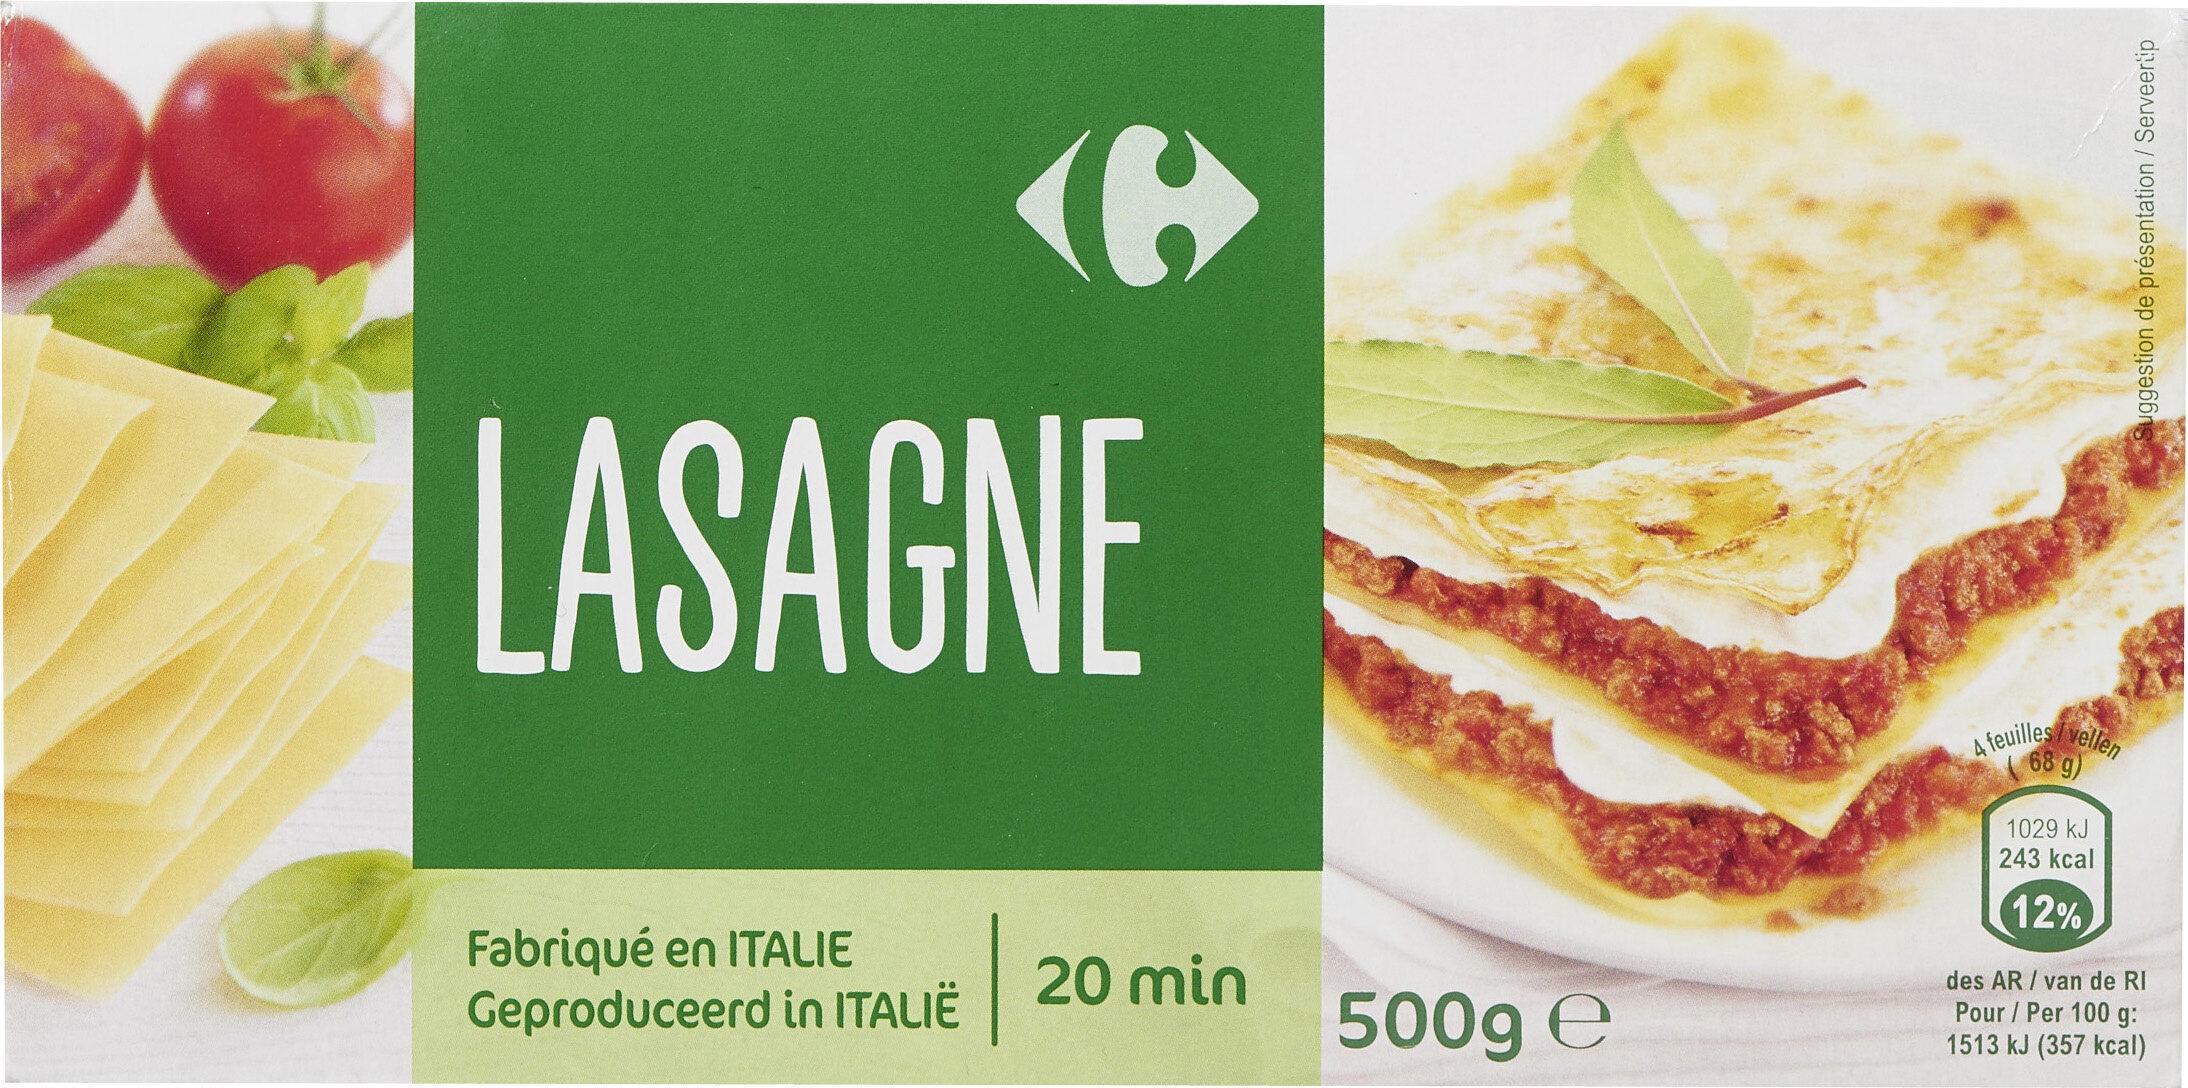 Lasagnes à garnir - Product - fr